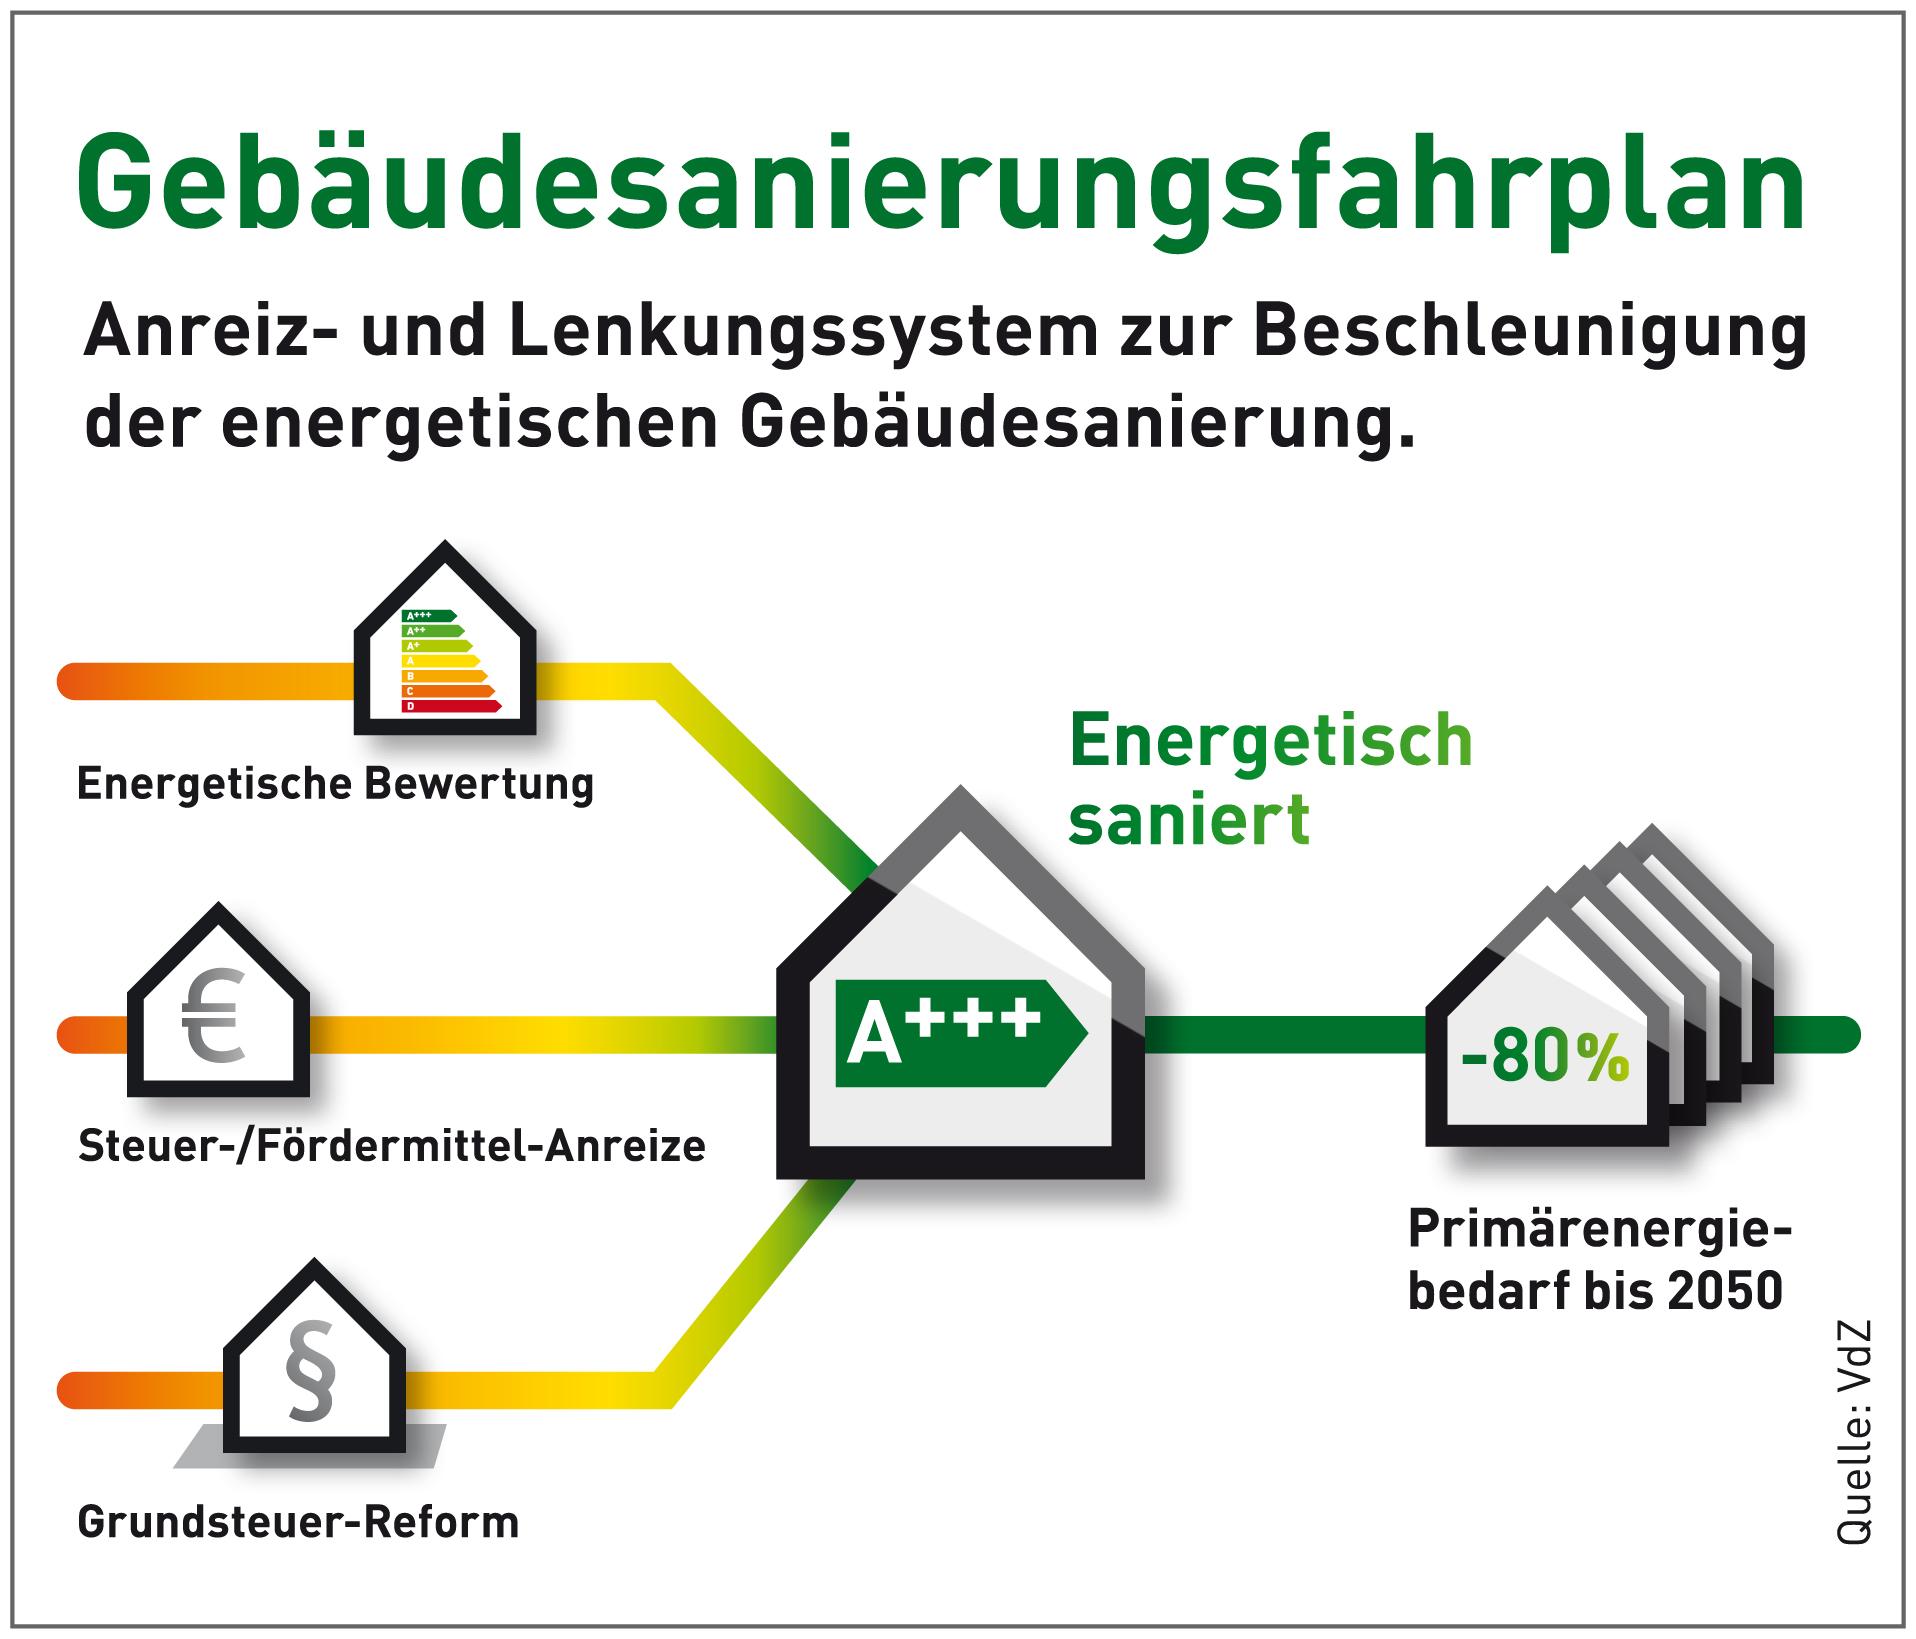 Neue Initiativen für Energieeffizienz an Gebäuden